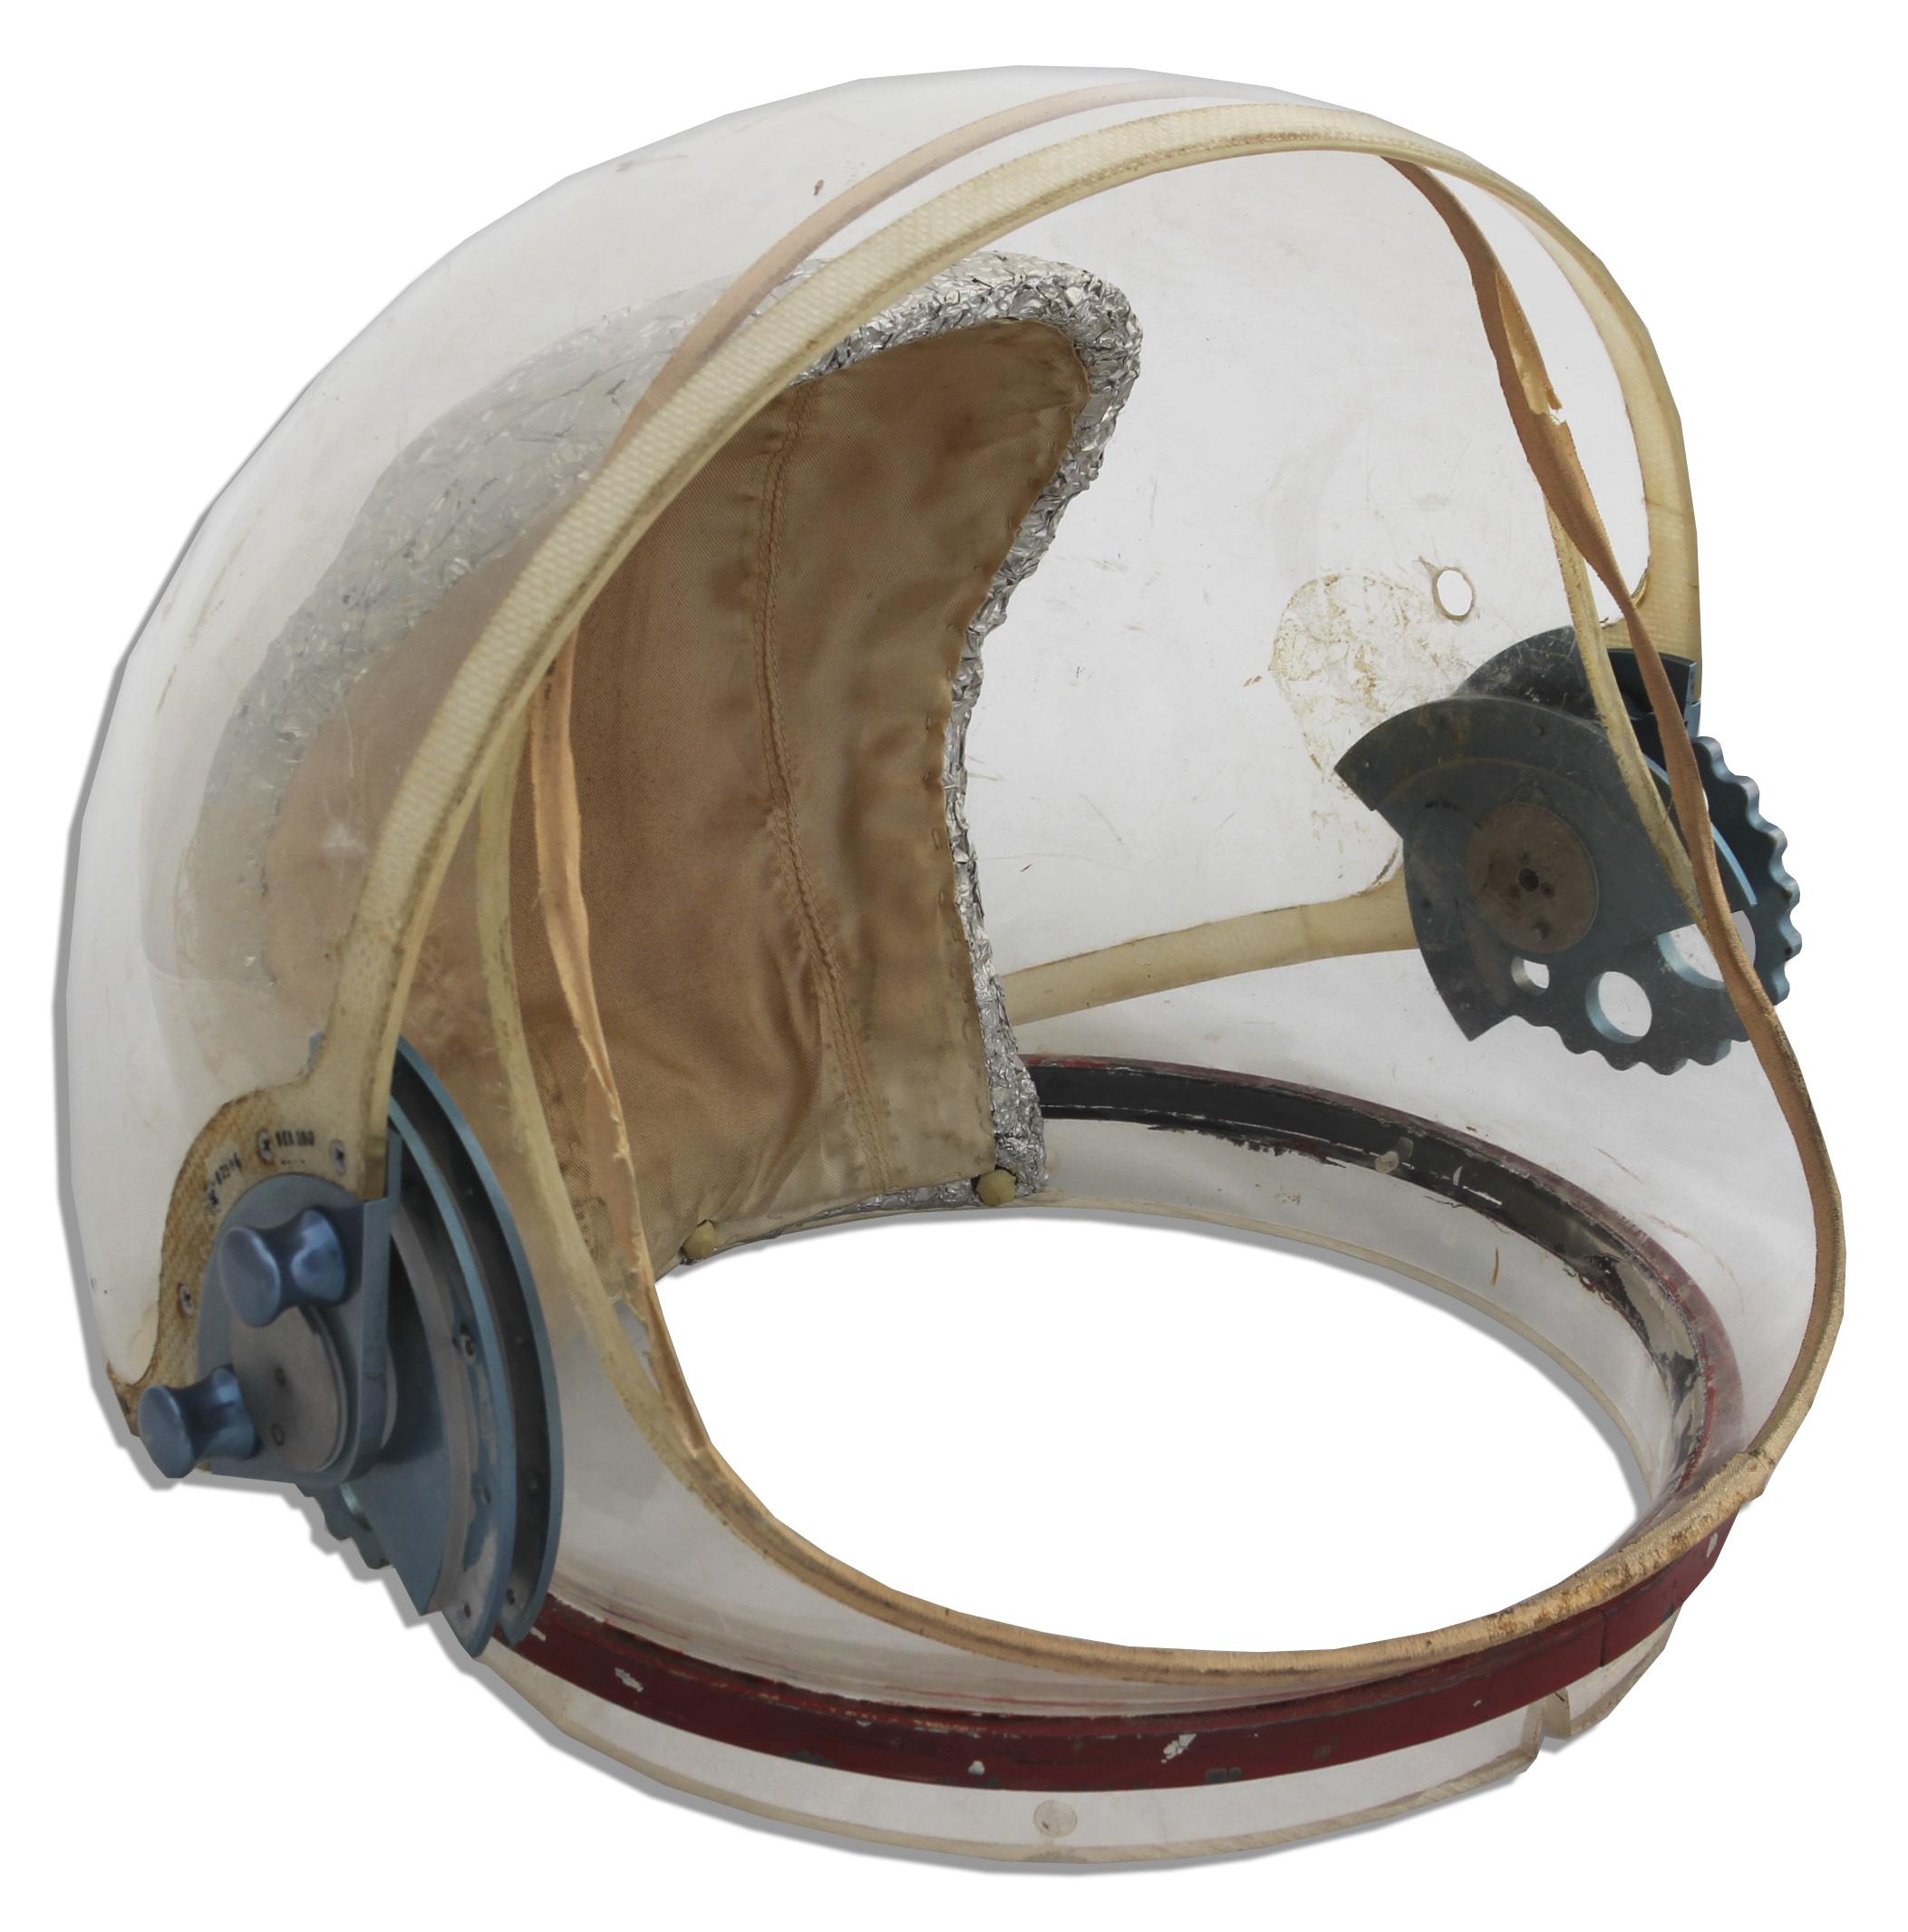 apollo 13 astronaut helmet - photo #45